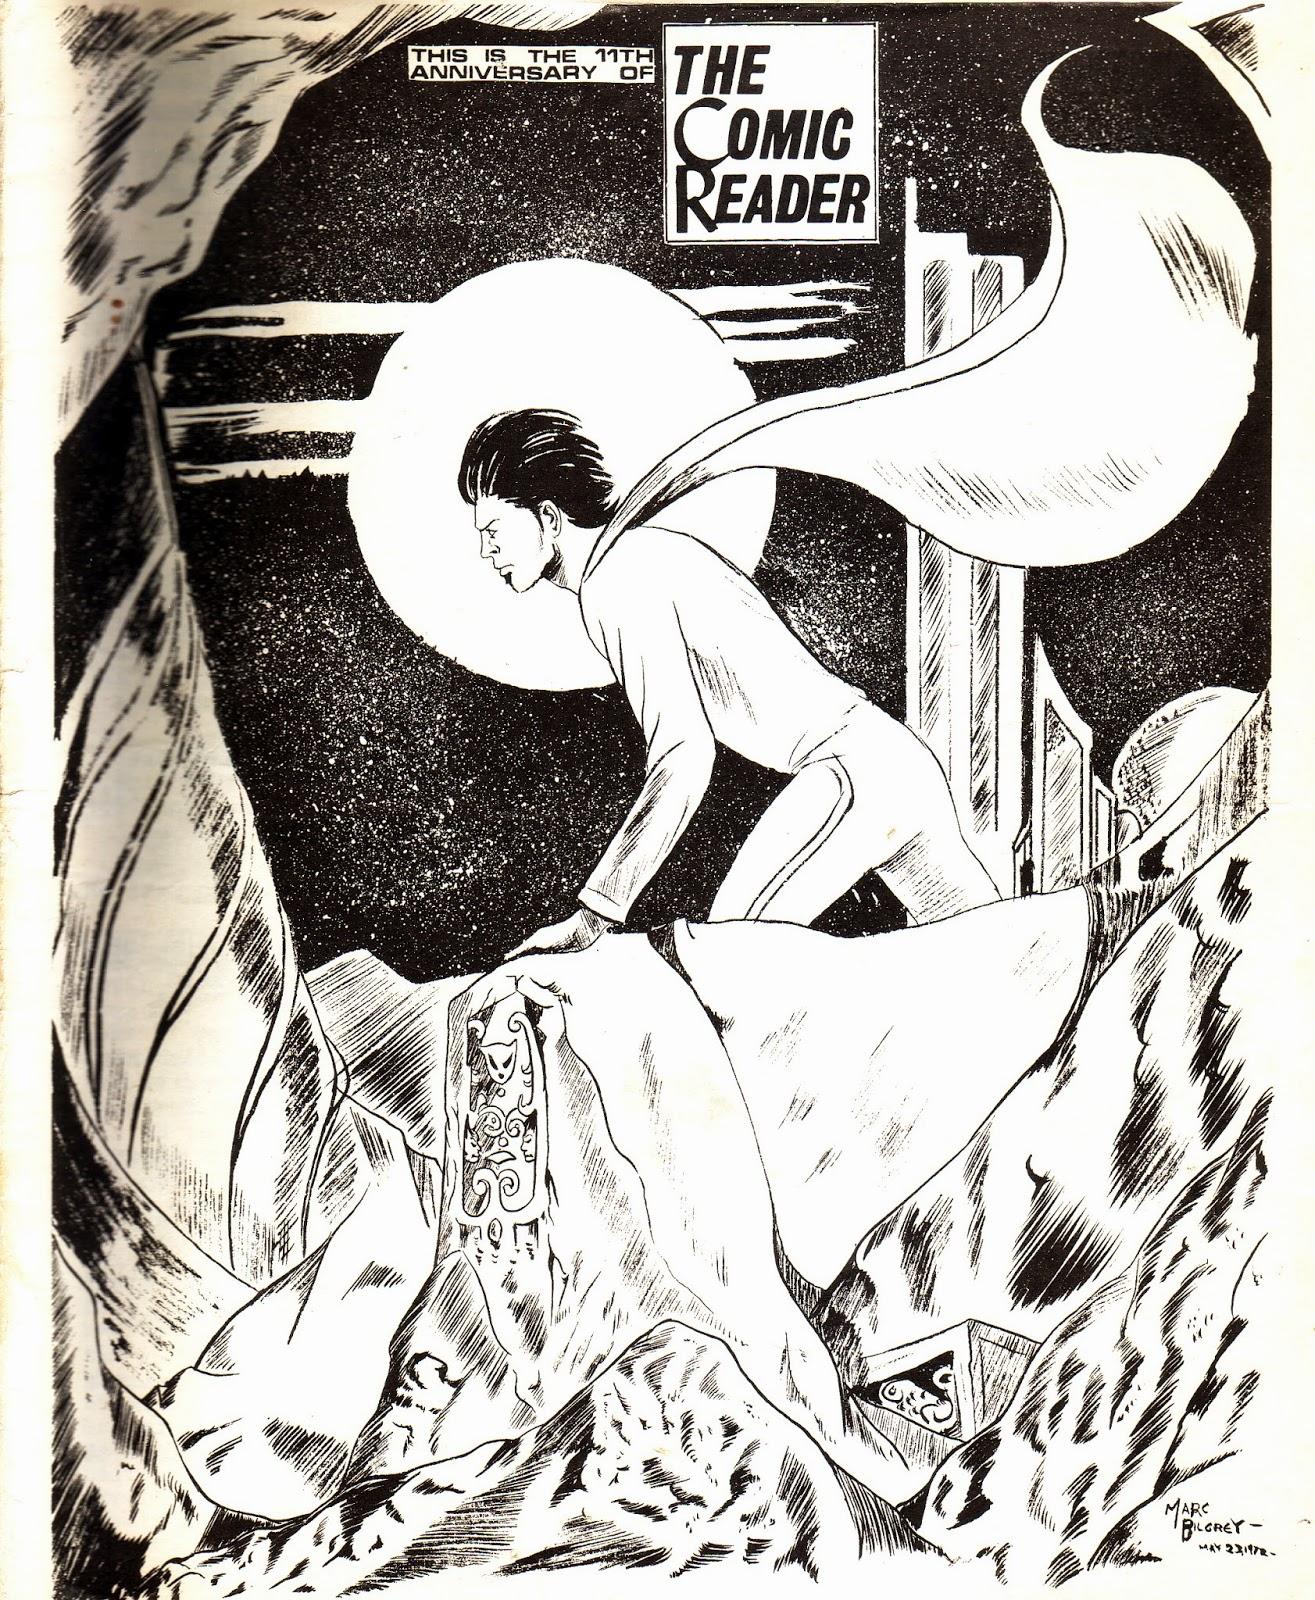 Marvel Mysteries and Comics Minutiae: The Comic Reader